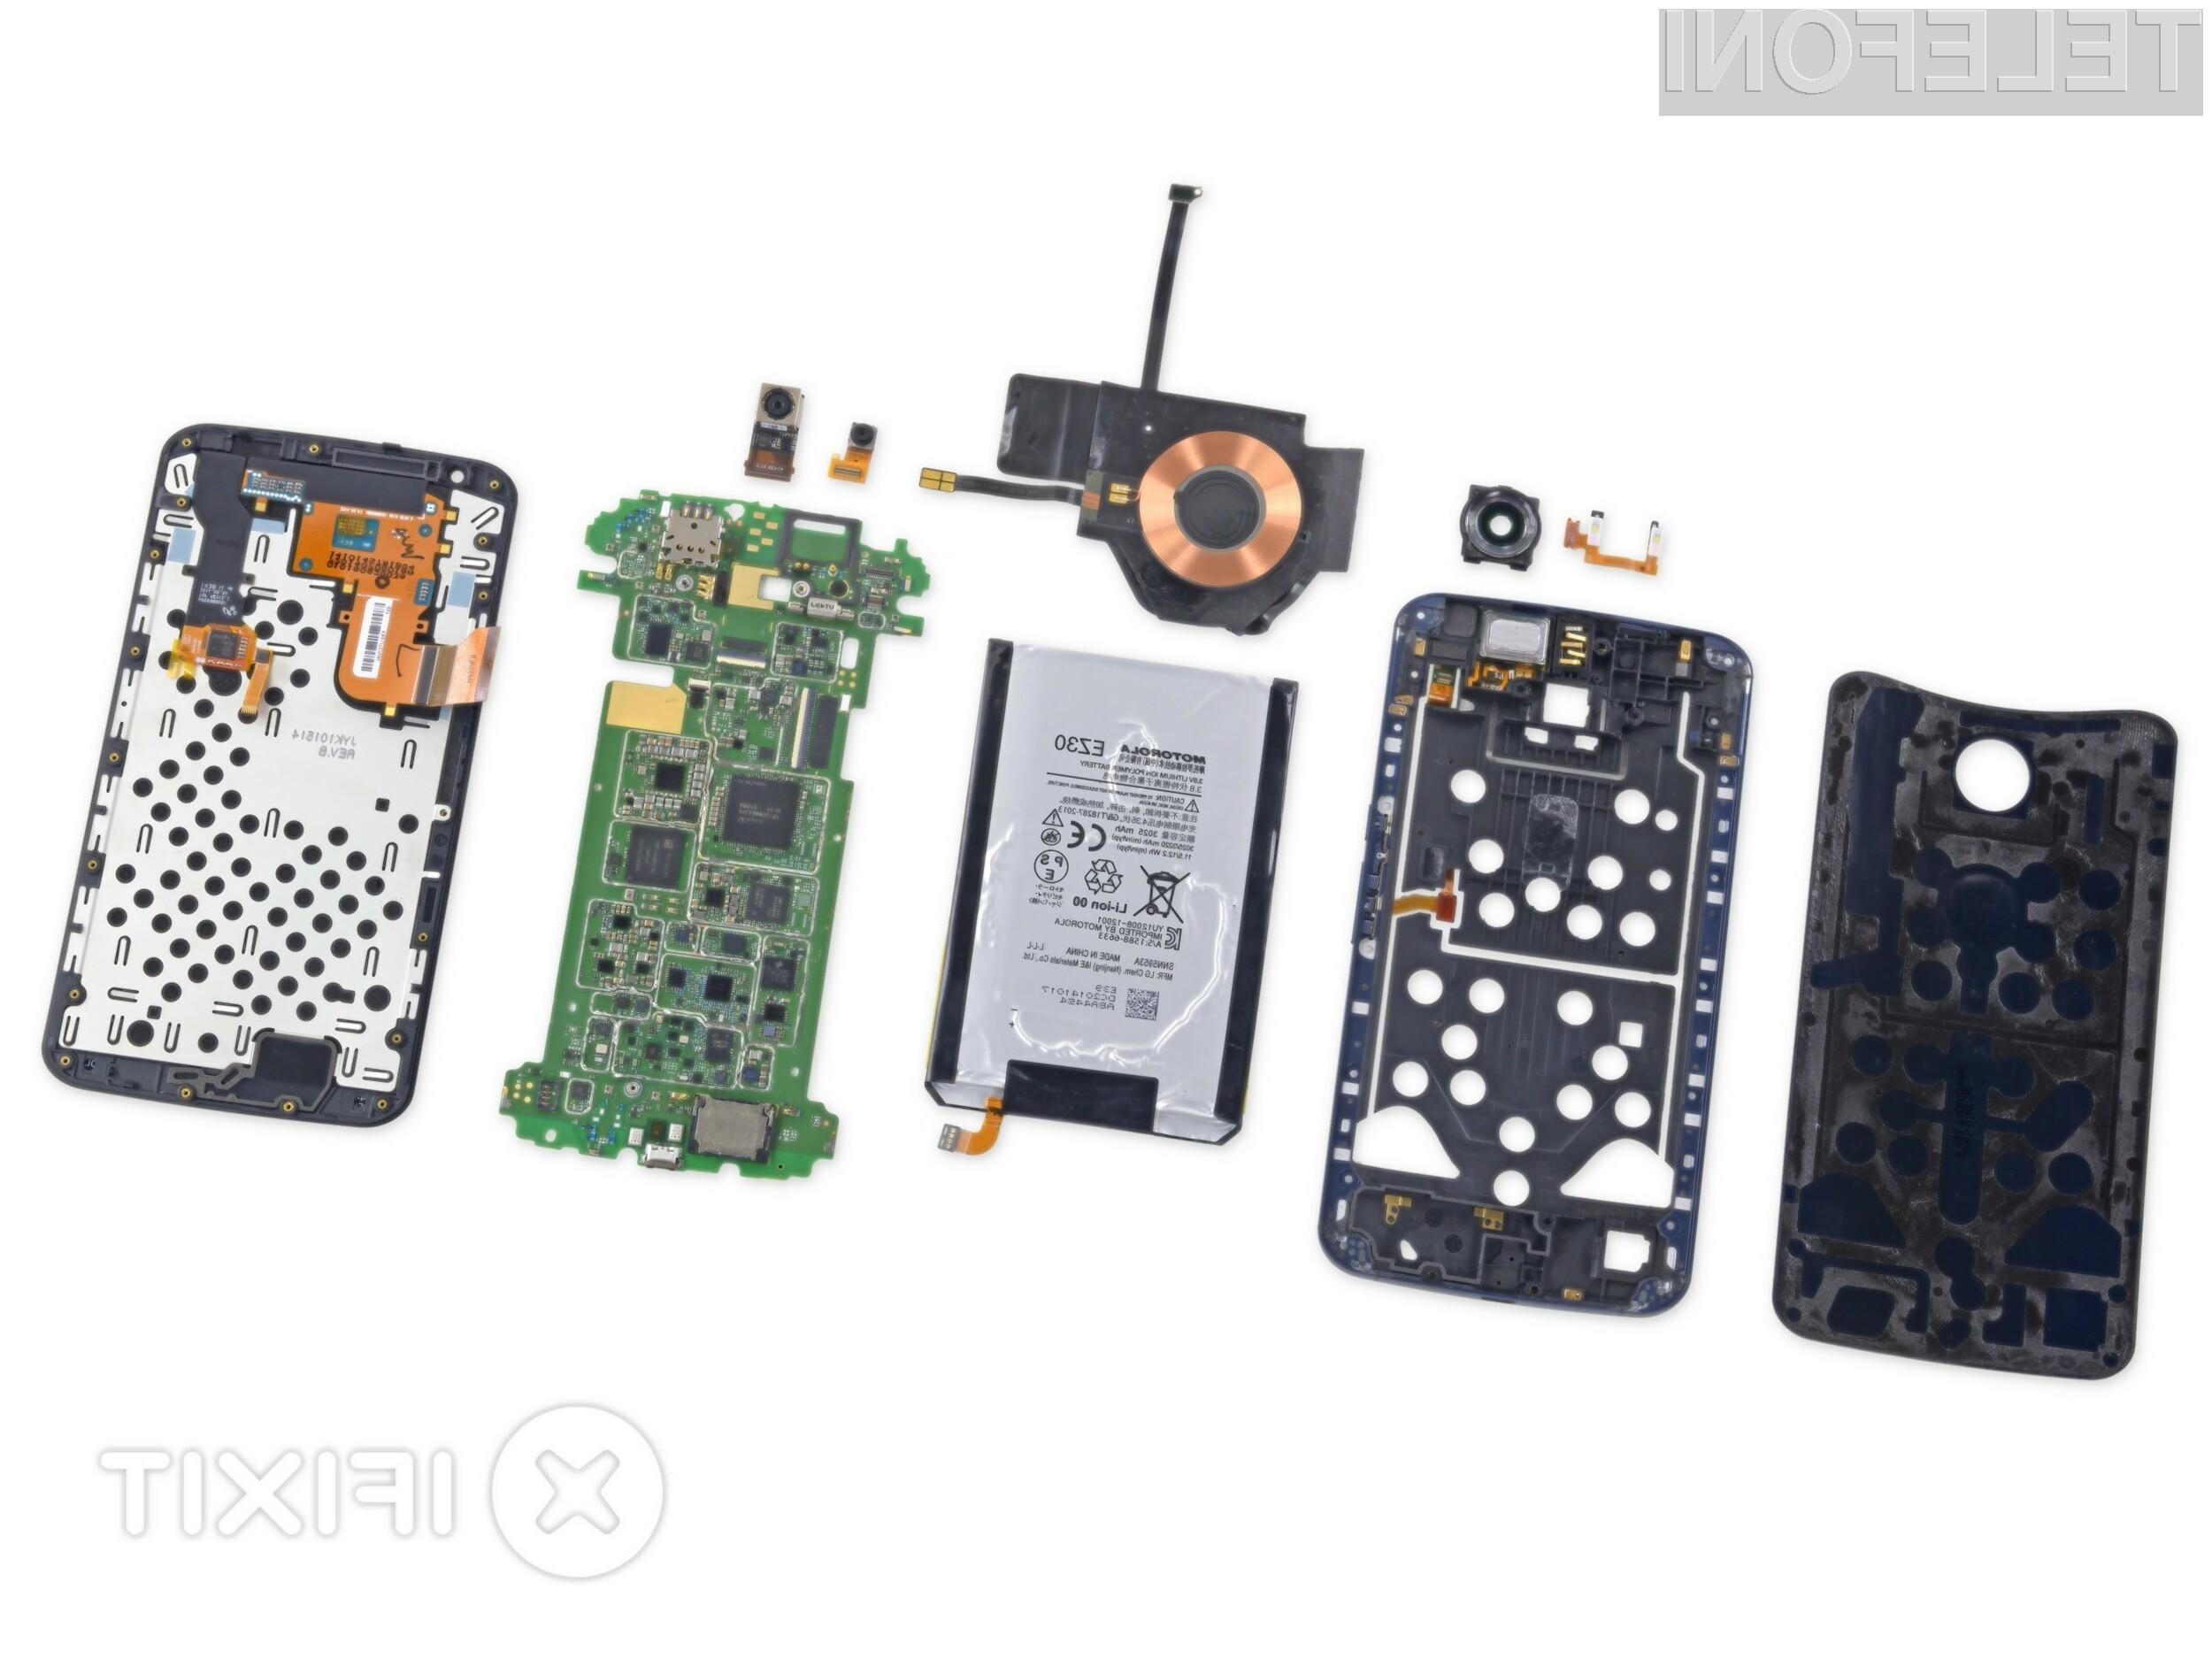 Pametni mobilni telefon Nexus 6 si je prislužil visoko oceno glede popravljivosti!